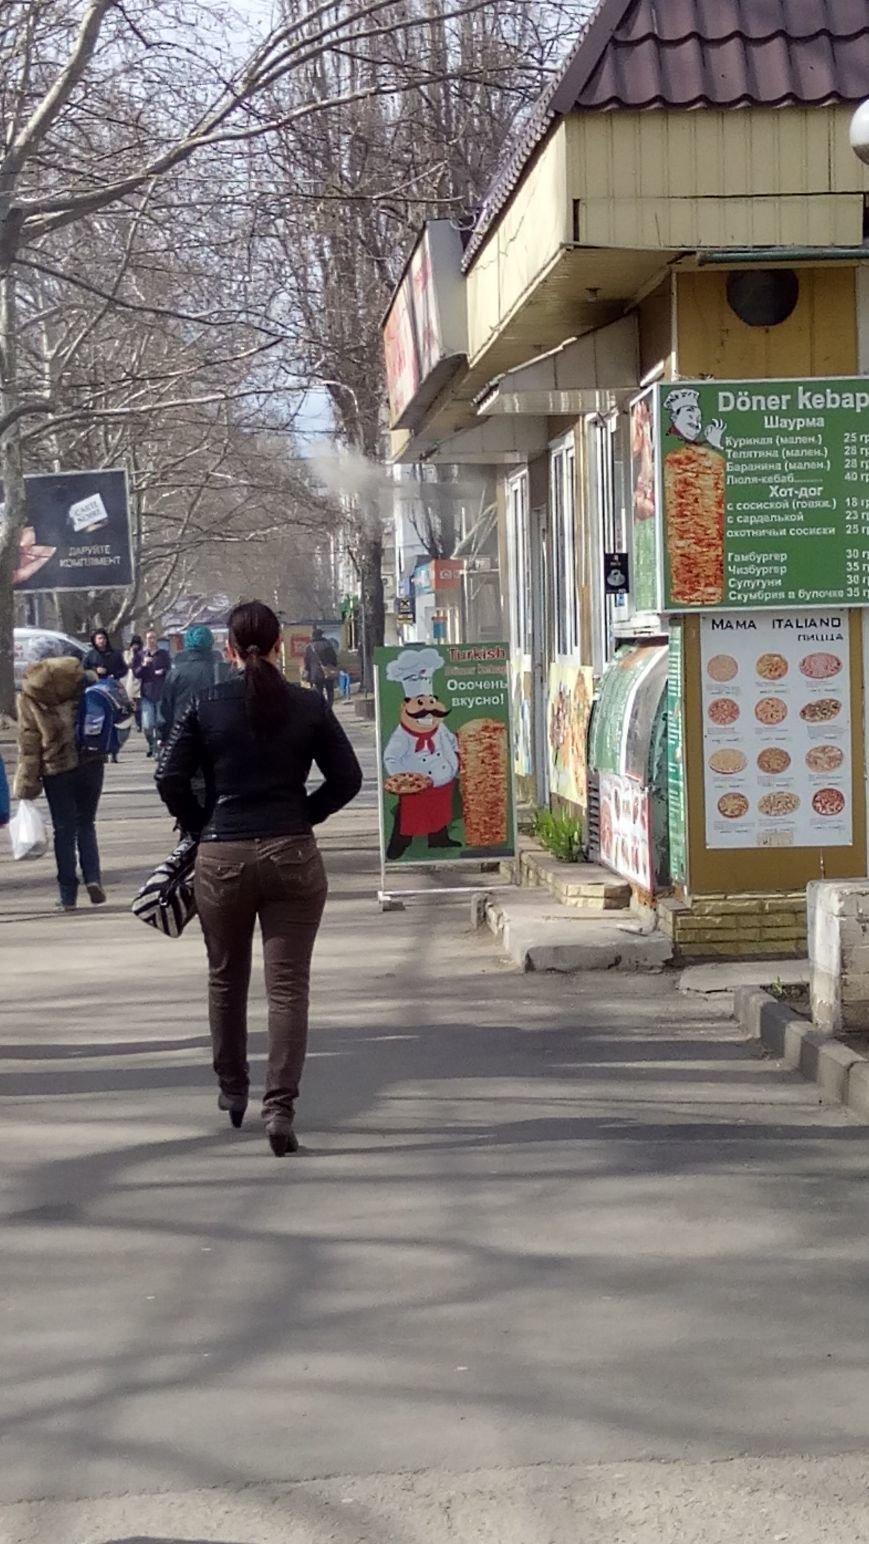 bcf6ce776b1a258a41ab2b088ce505d9 Одесское кафе пускает струю дыма в прохожих